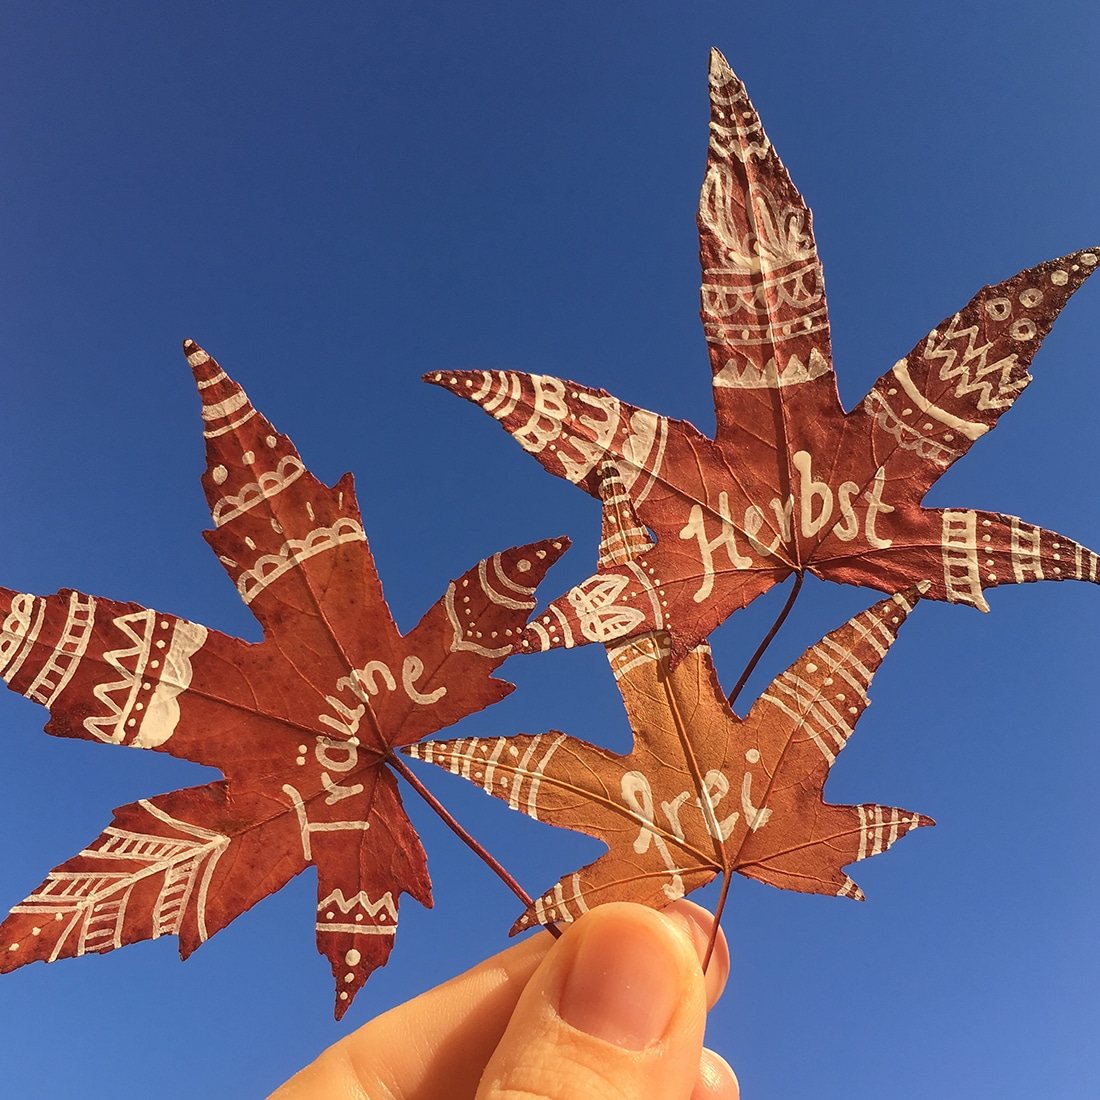 Bemalte und beschriftete Blätter vor blauem Himmel